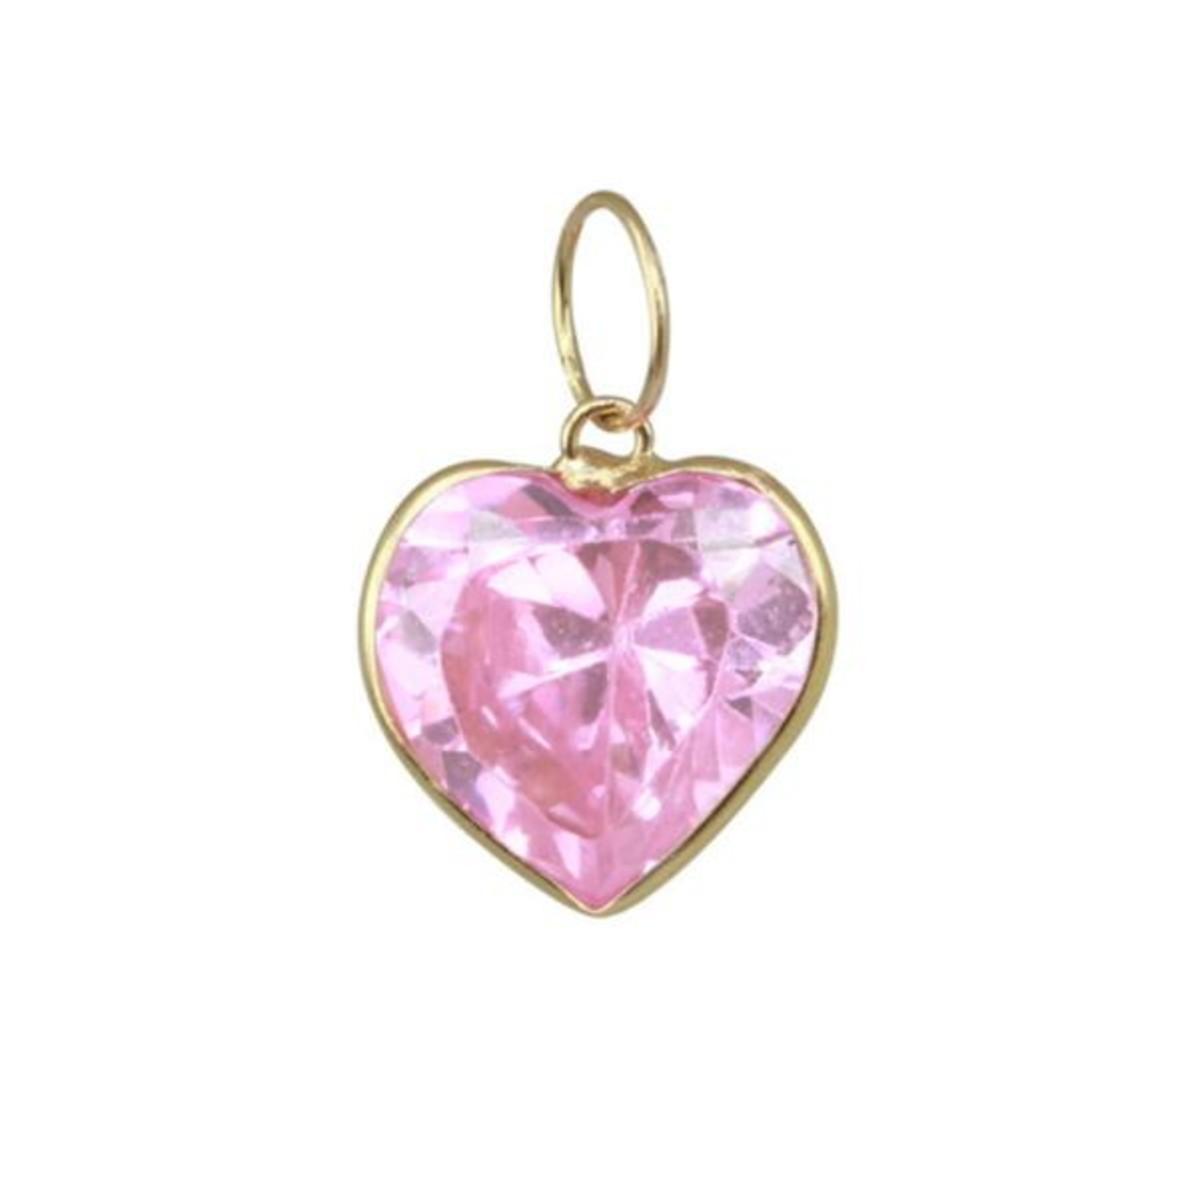 7a147bad498c5 Pingente de Ouro 18k Coração Rosa com Zircônia no Elo7   LSR Joias ...